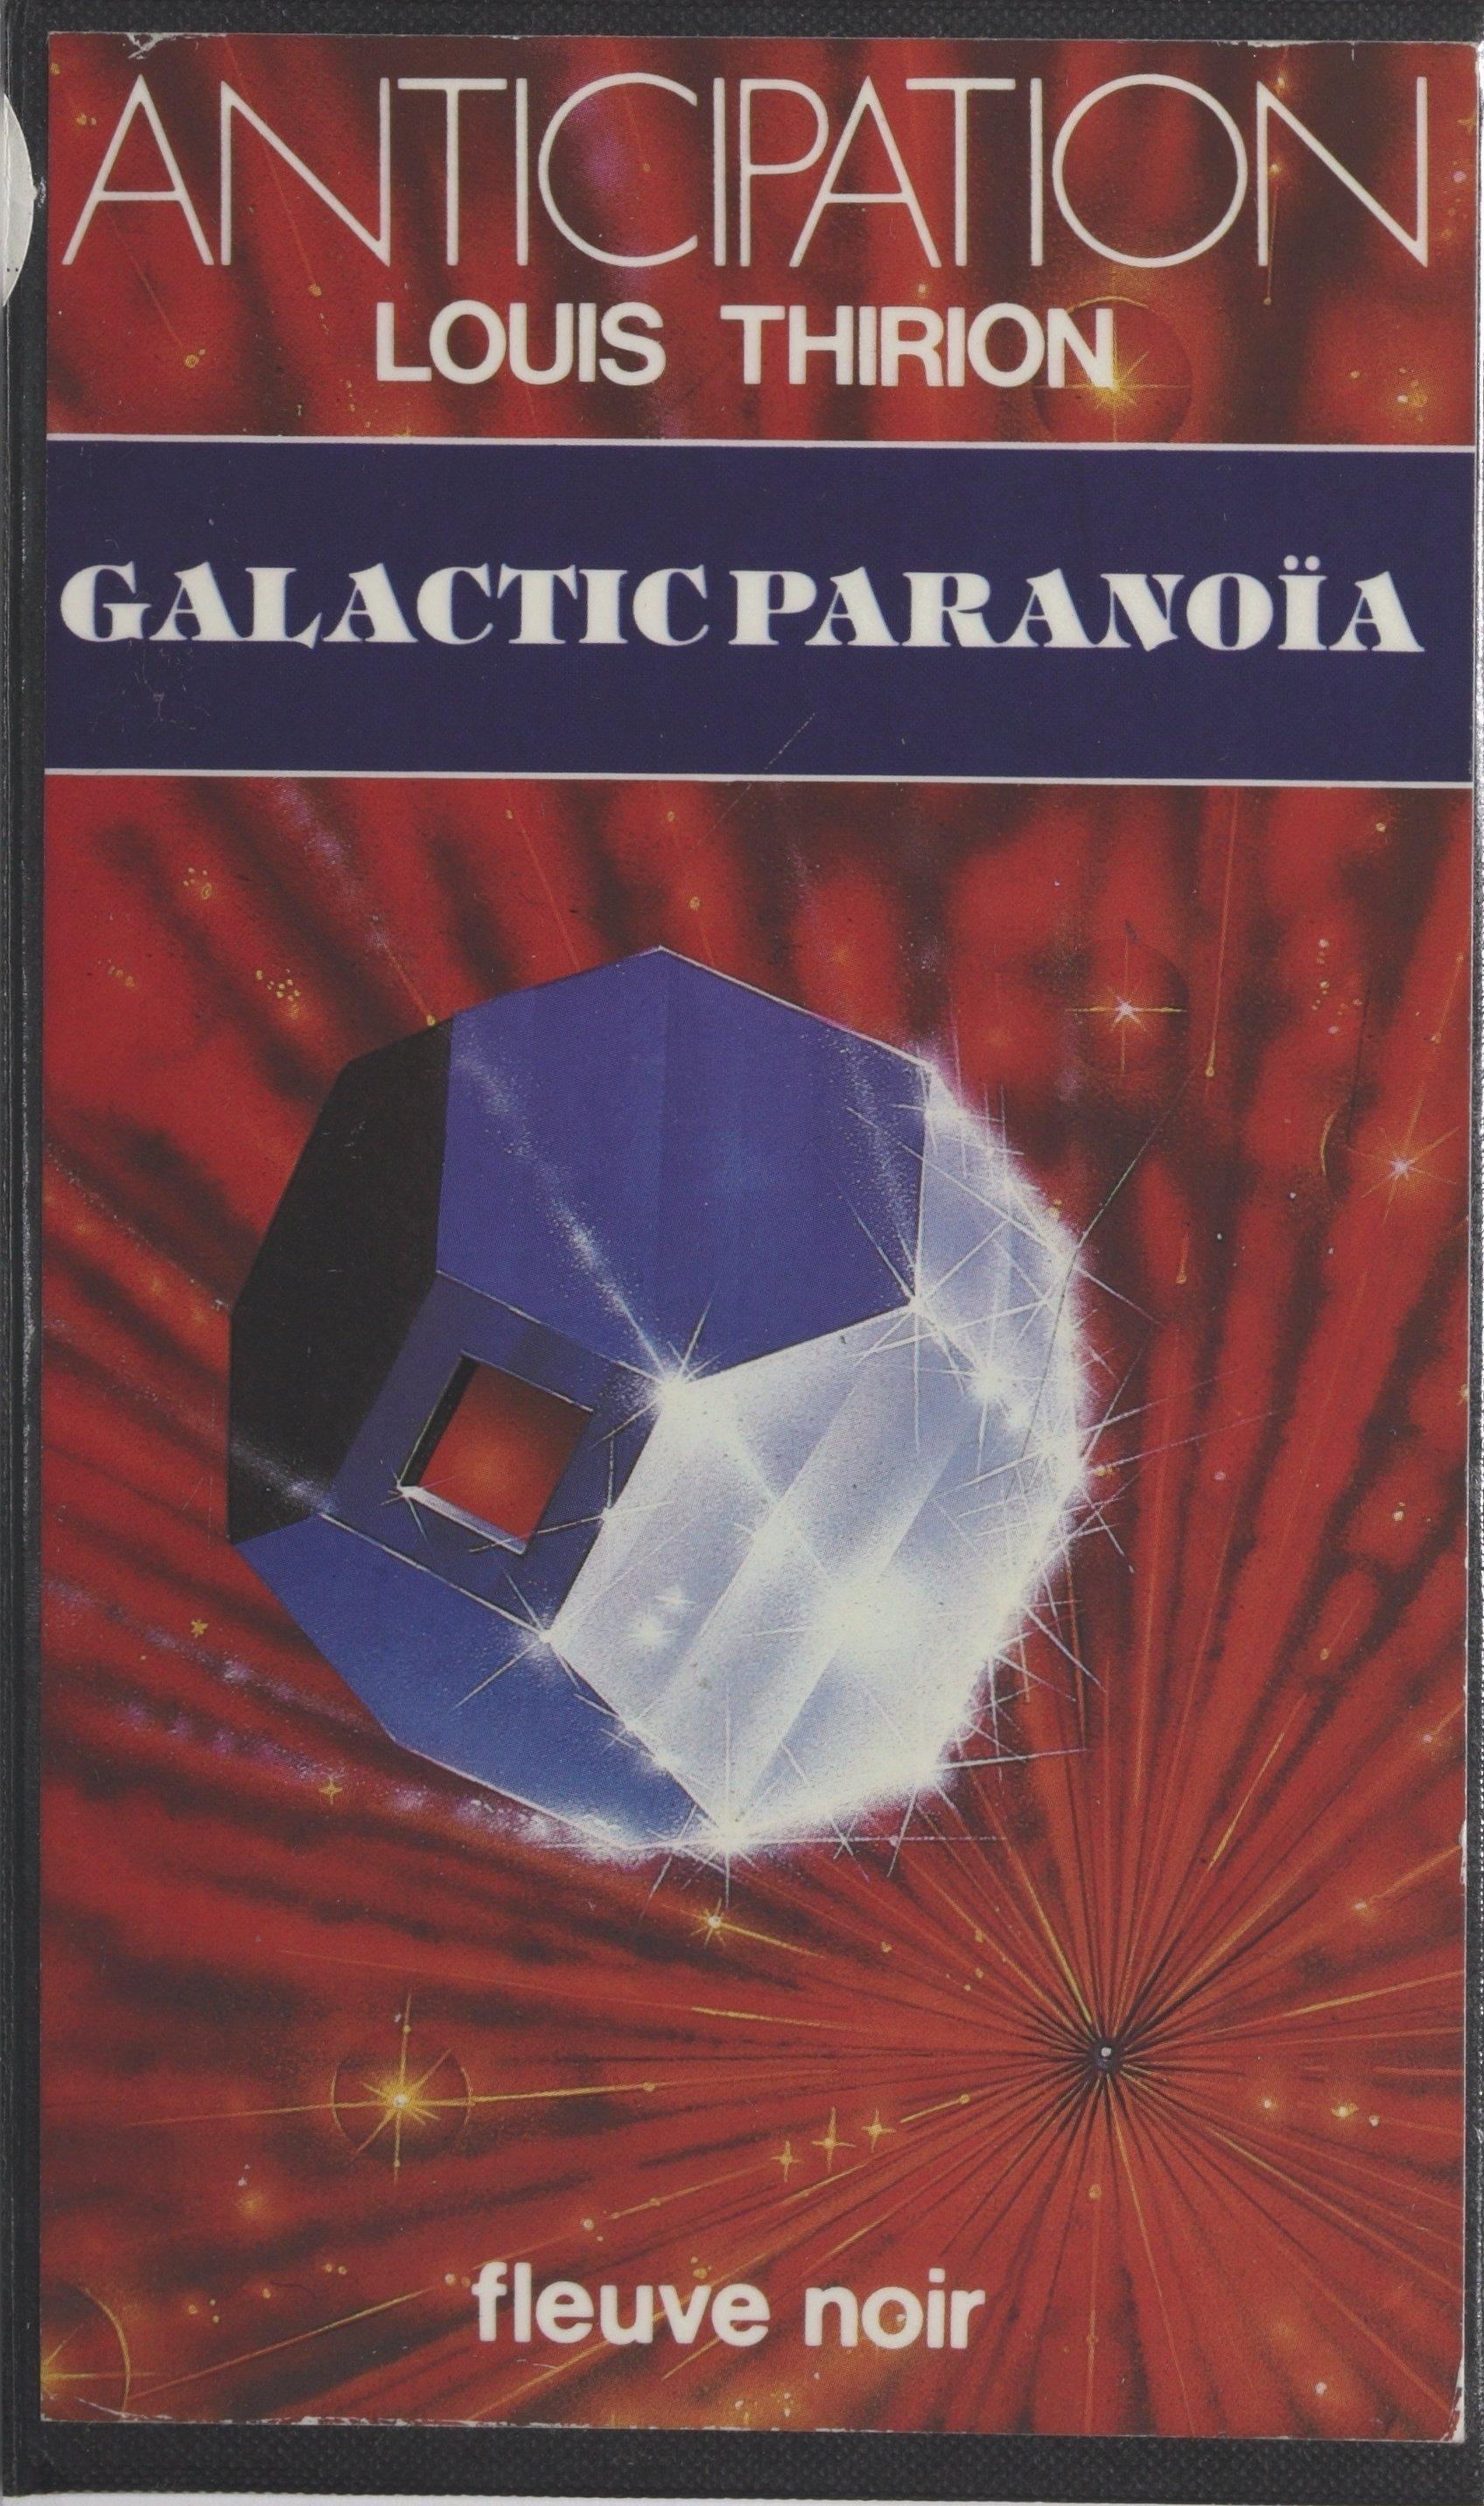 Galactic paranoïa